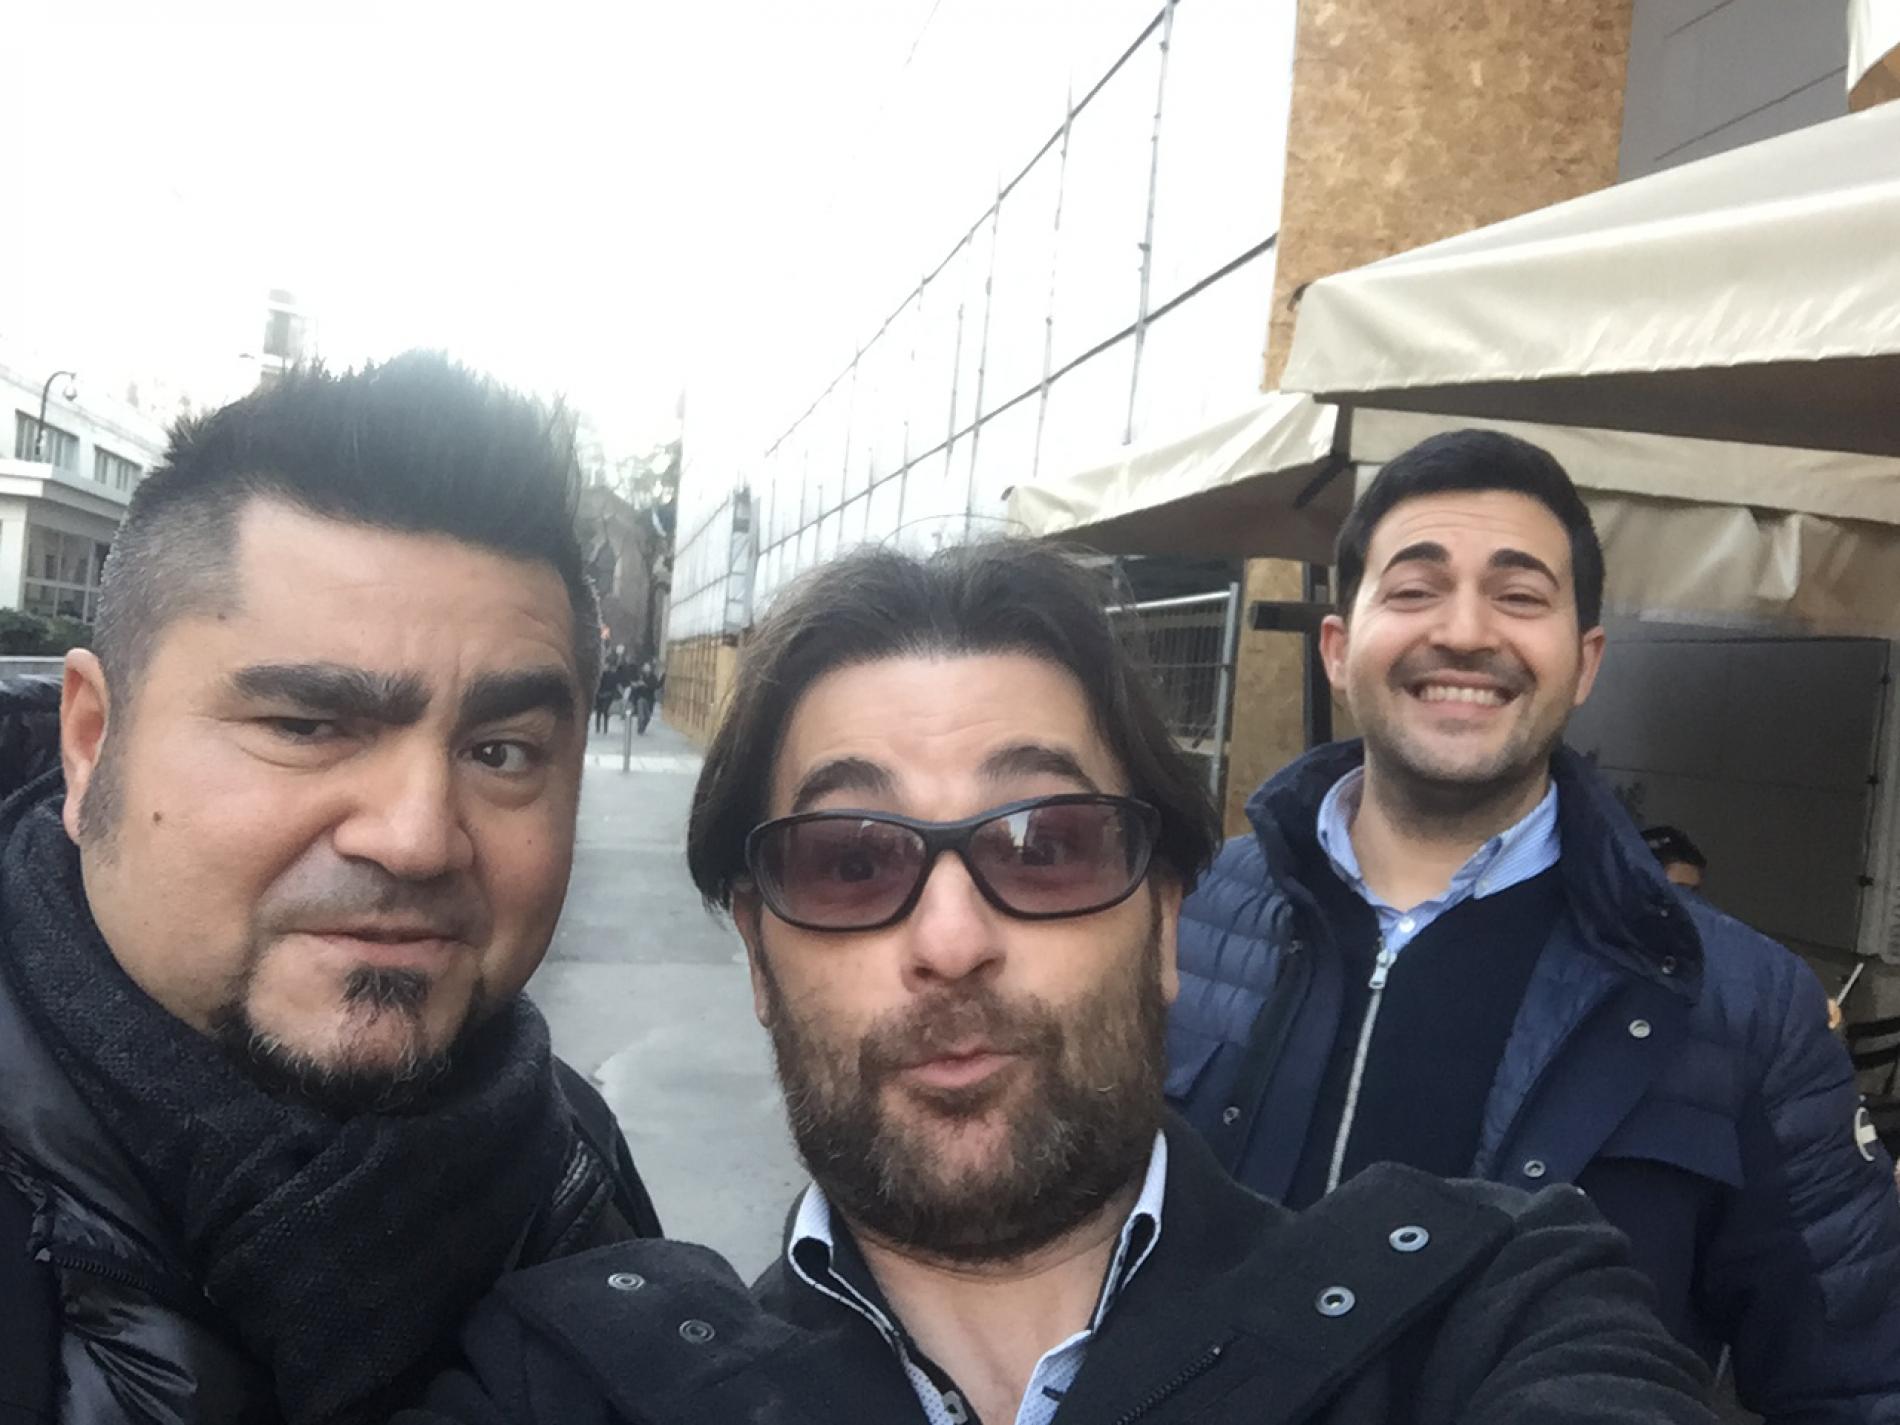 Paolo Noise Radio 105 - Giuseppe Polizzi Crazy Marketing Valerio vinciguerra